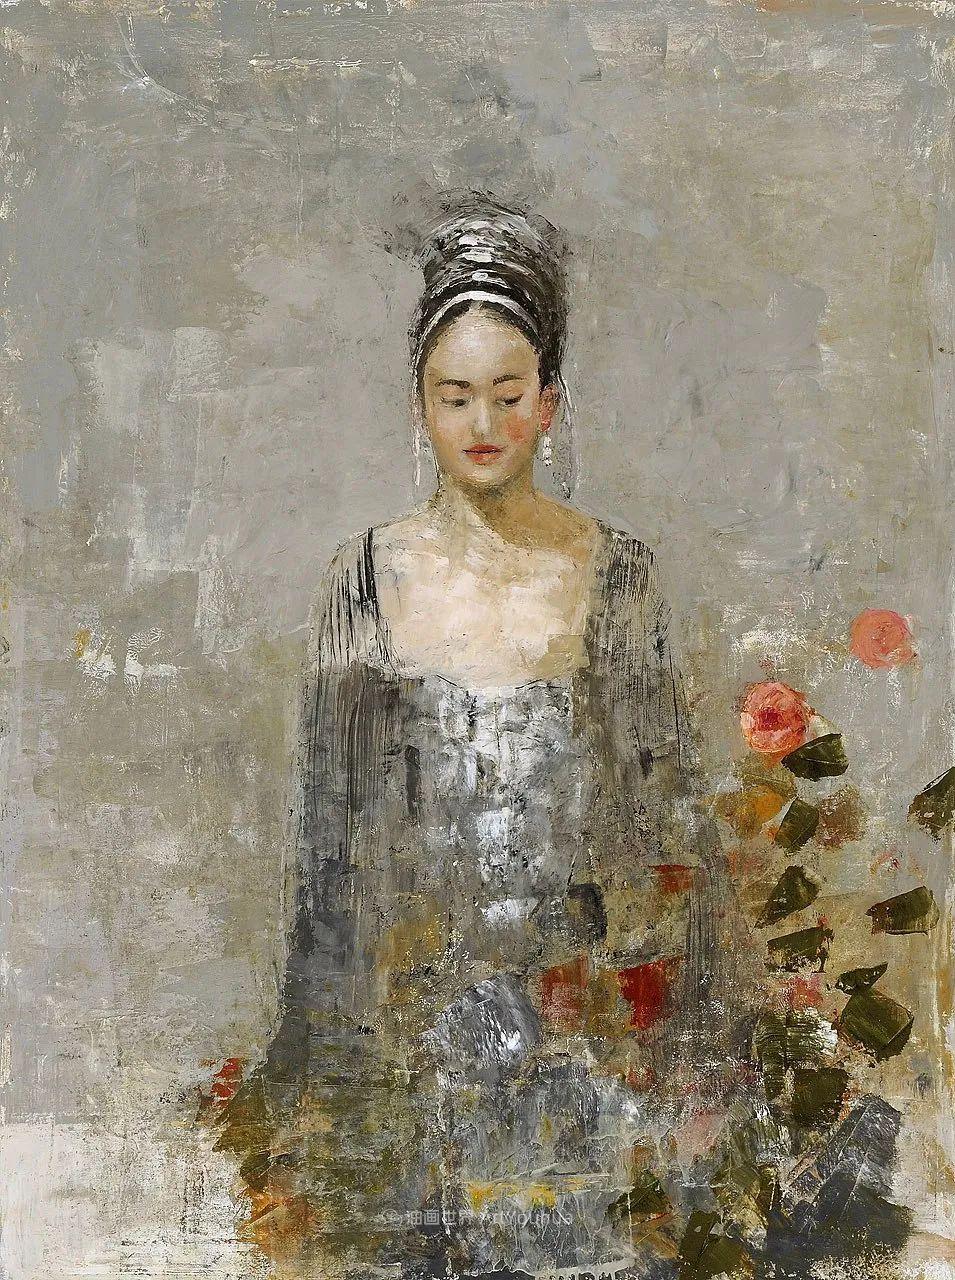 马耳他女画家 Goxwa Borg 戈克斯瓦·博格作品欣赏: 古典又现代!插图101